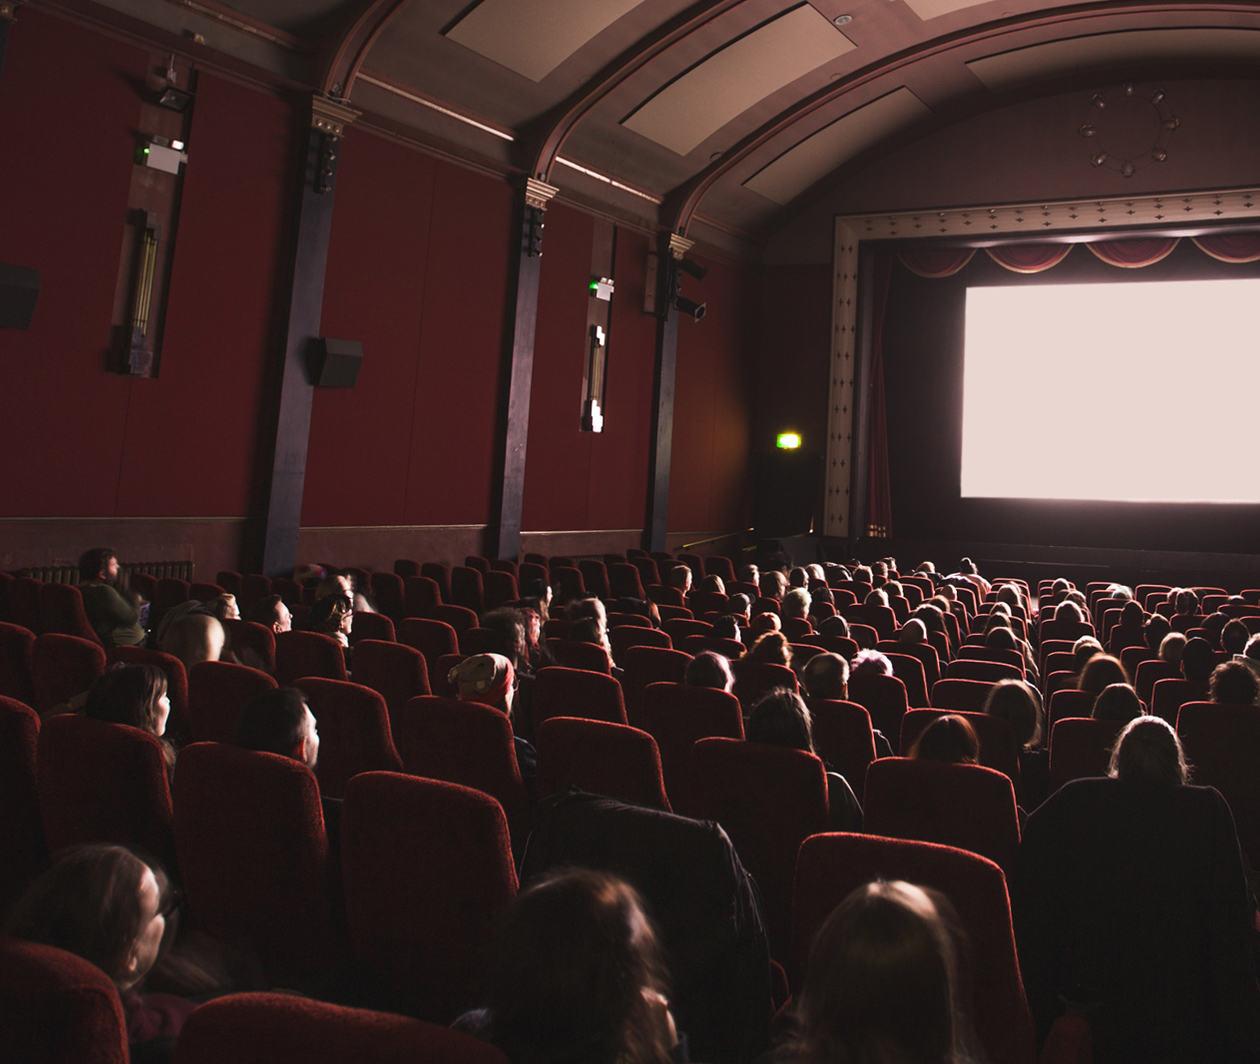 FMCS1000.2: Audiences